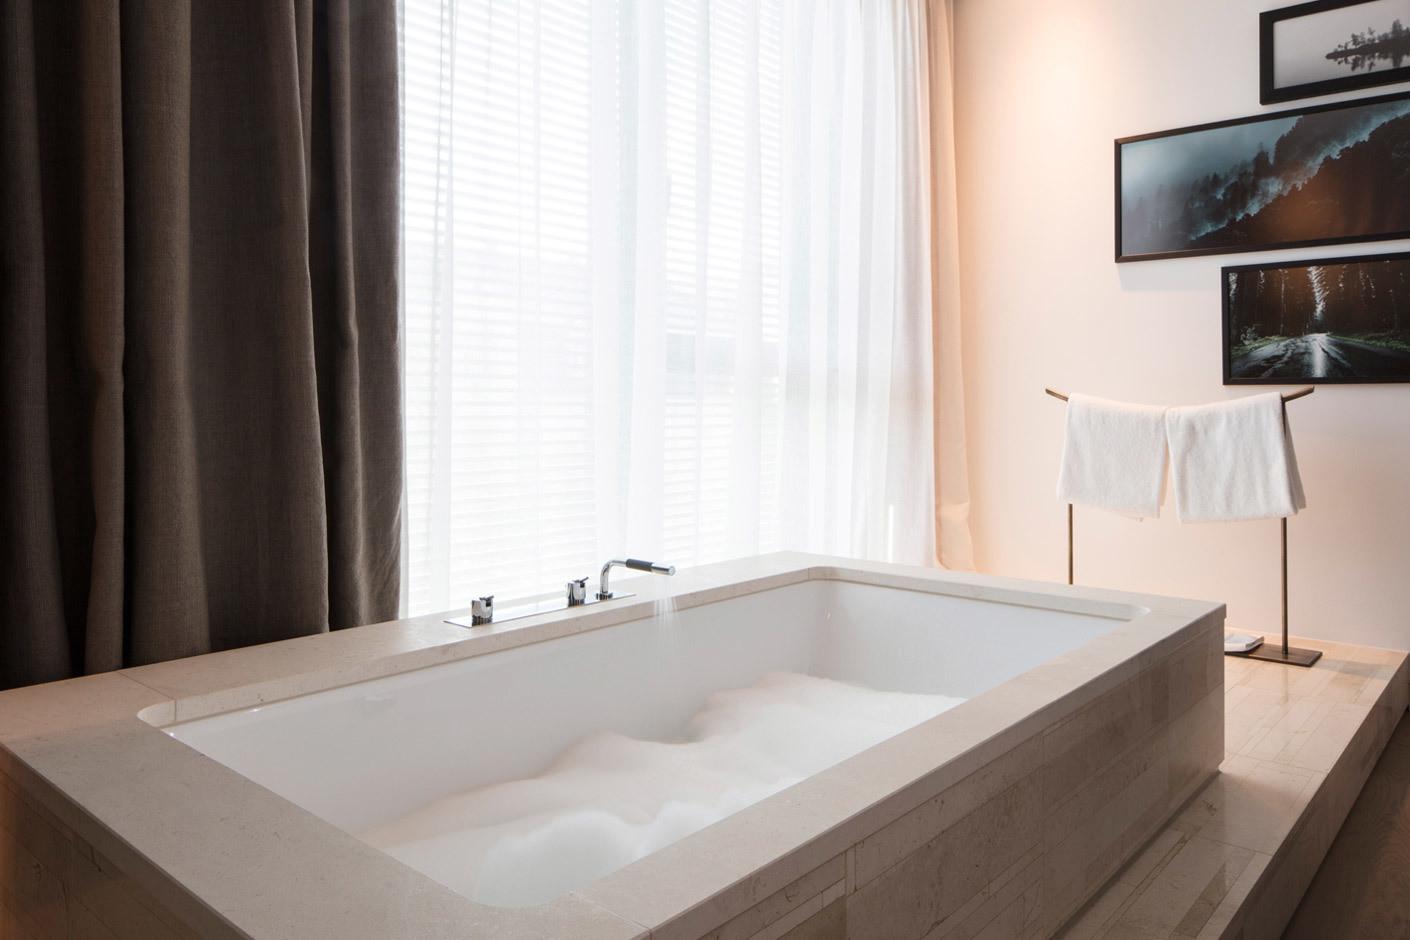 armaturen von vola im roomers hotel in baden baden stylepark. Black Bedroom Furniture Sets. Home Design Ideas